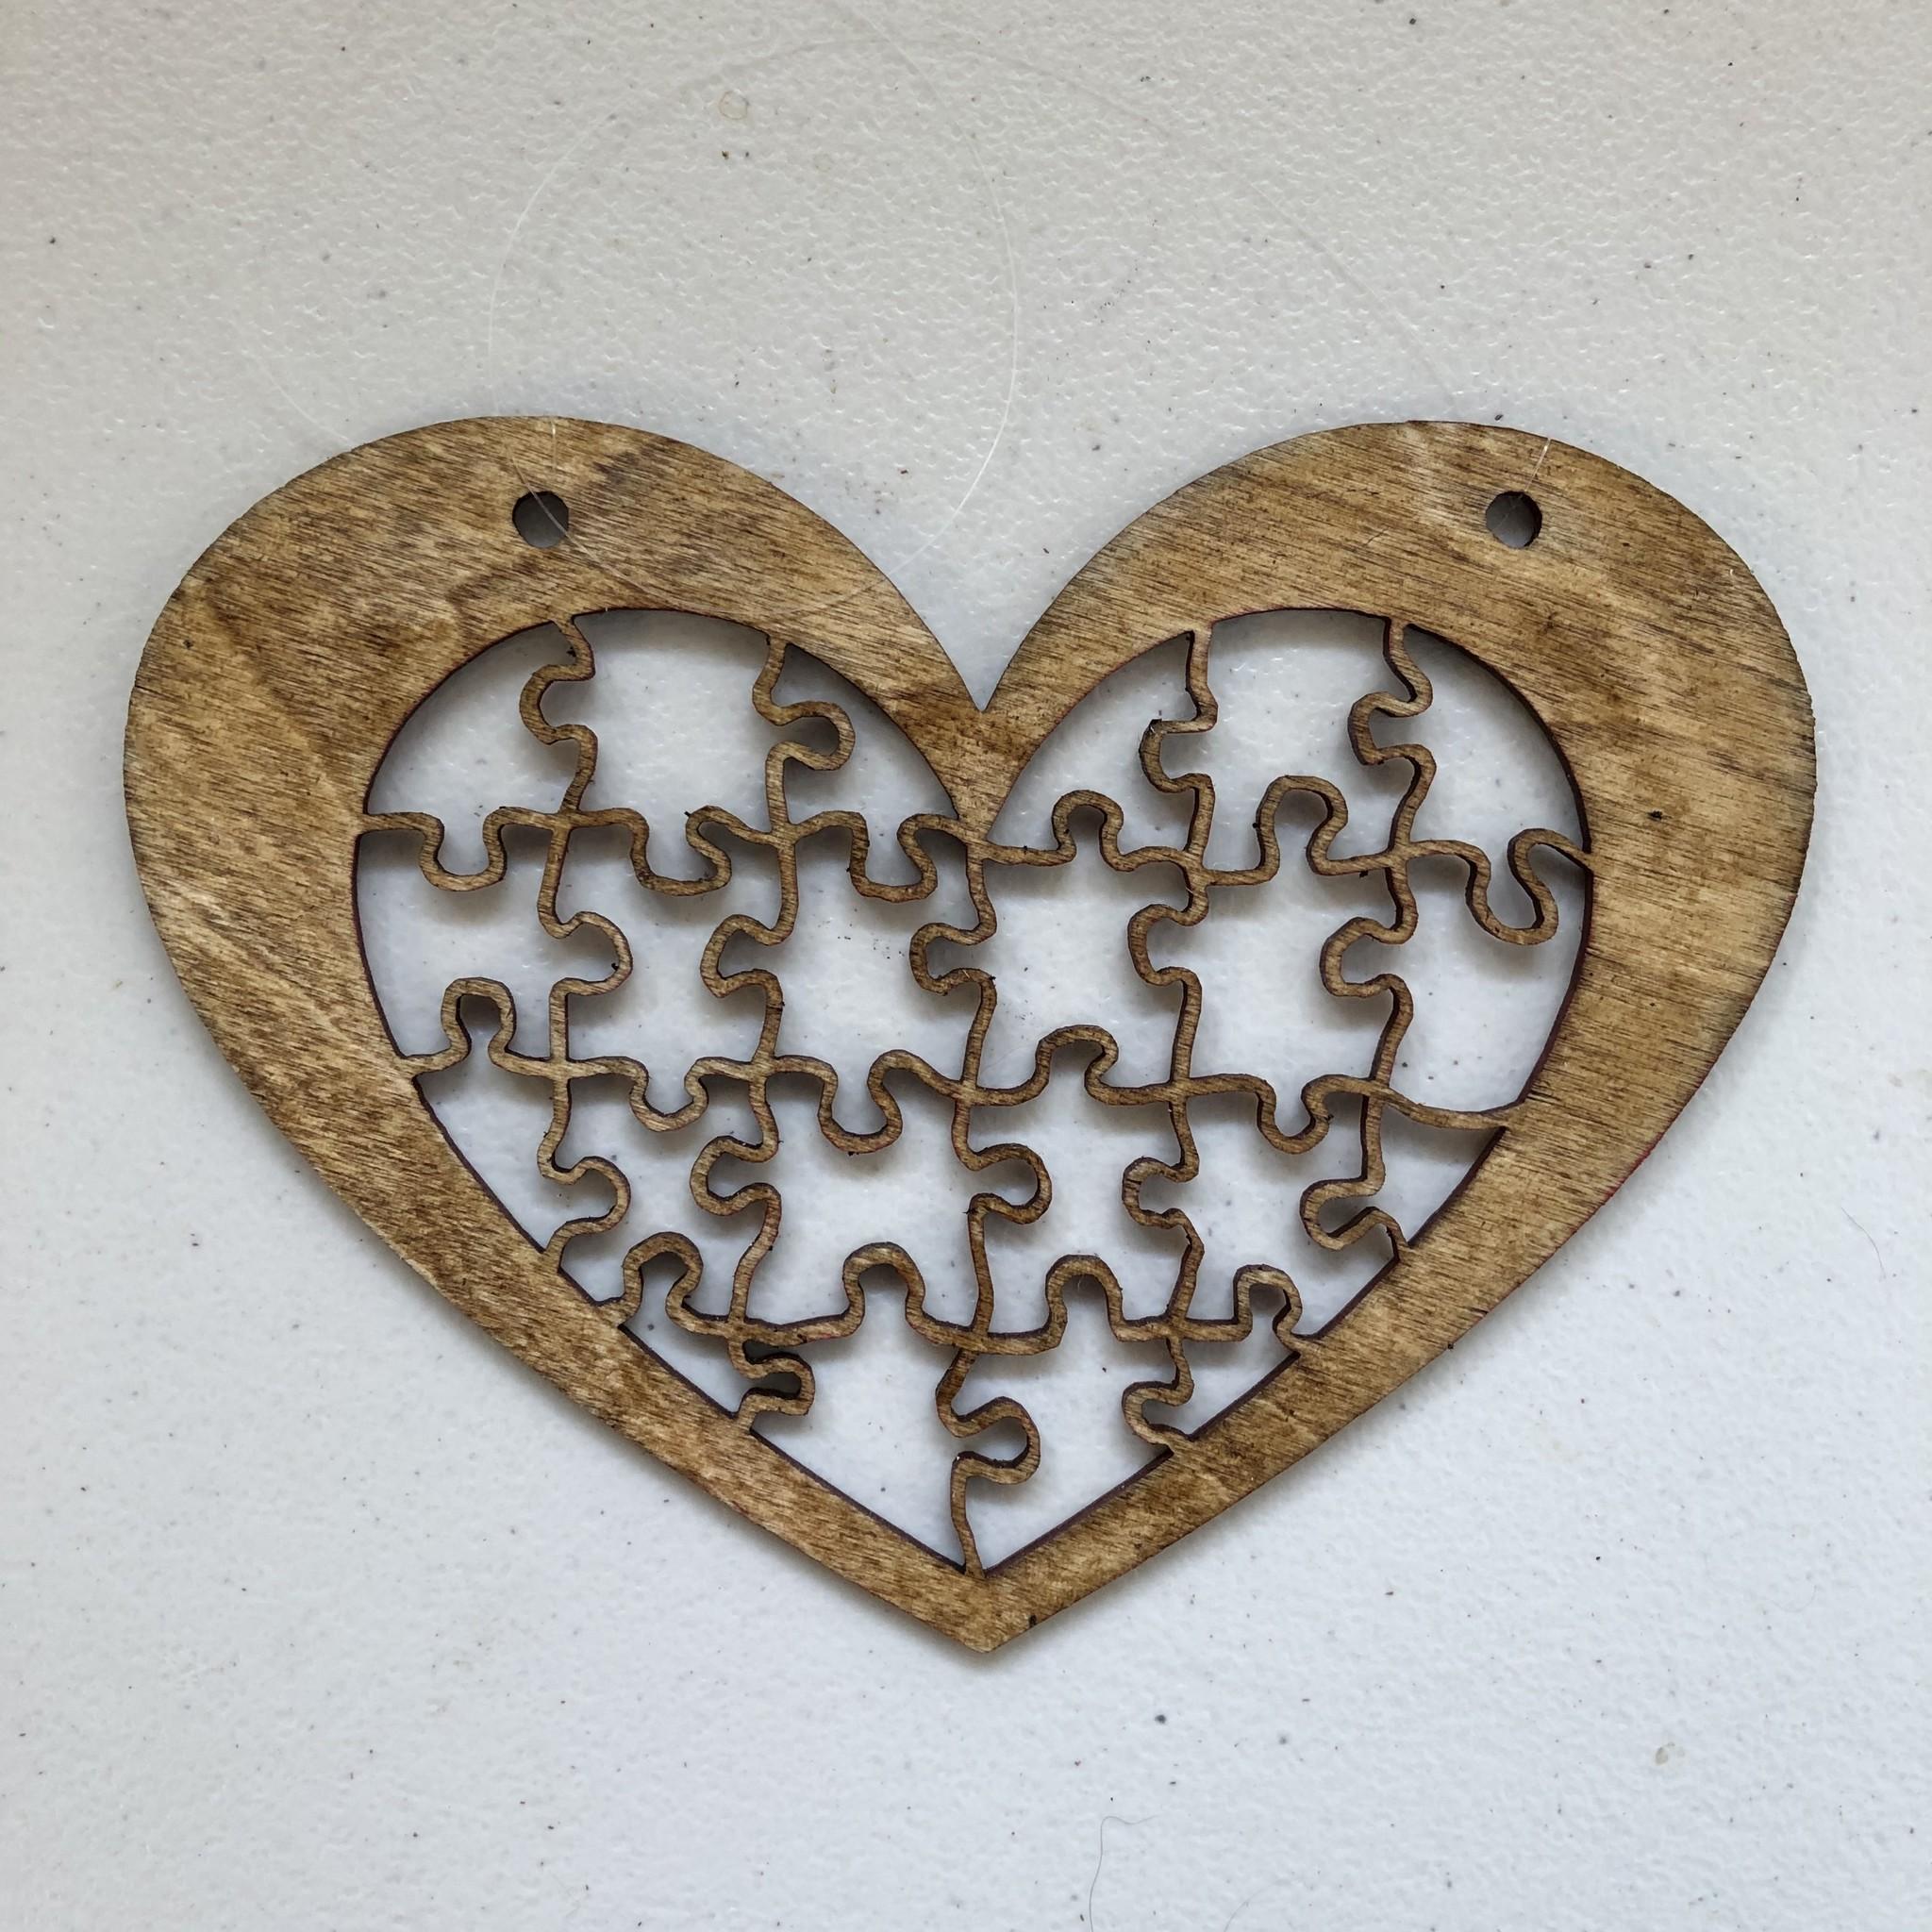 Davisyard Heart Puzzle Mobile (No Pieces)